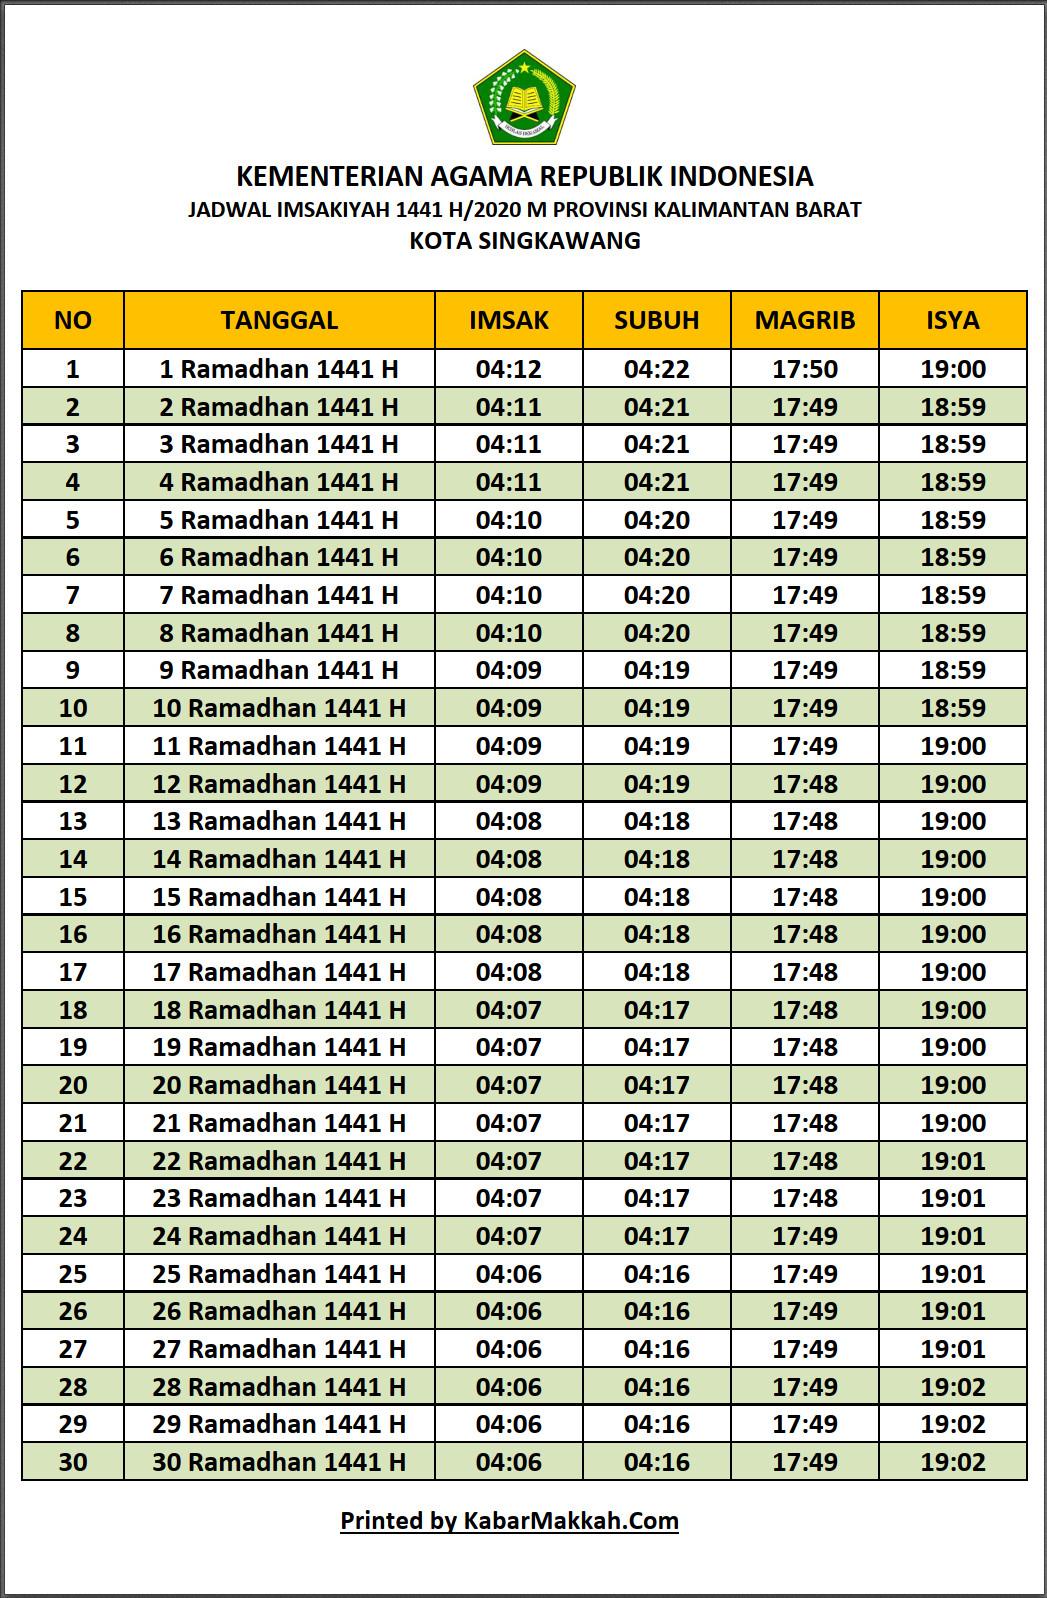 Jadwal Imsakiyah Singkawang 2020